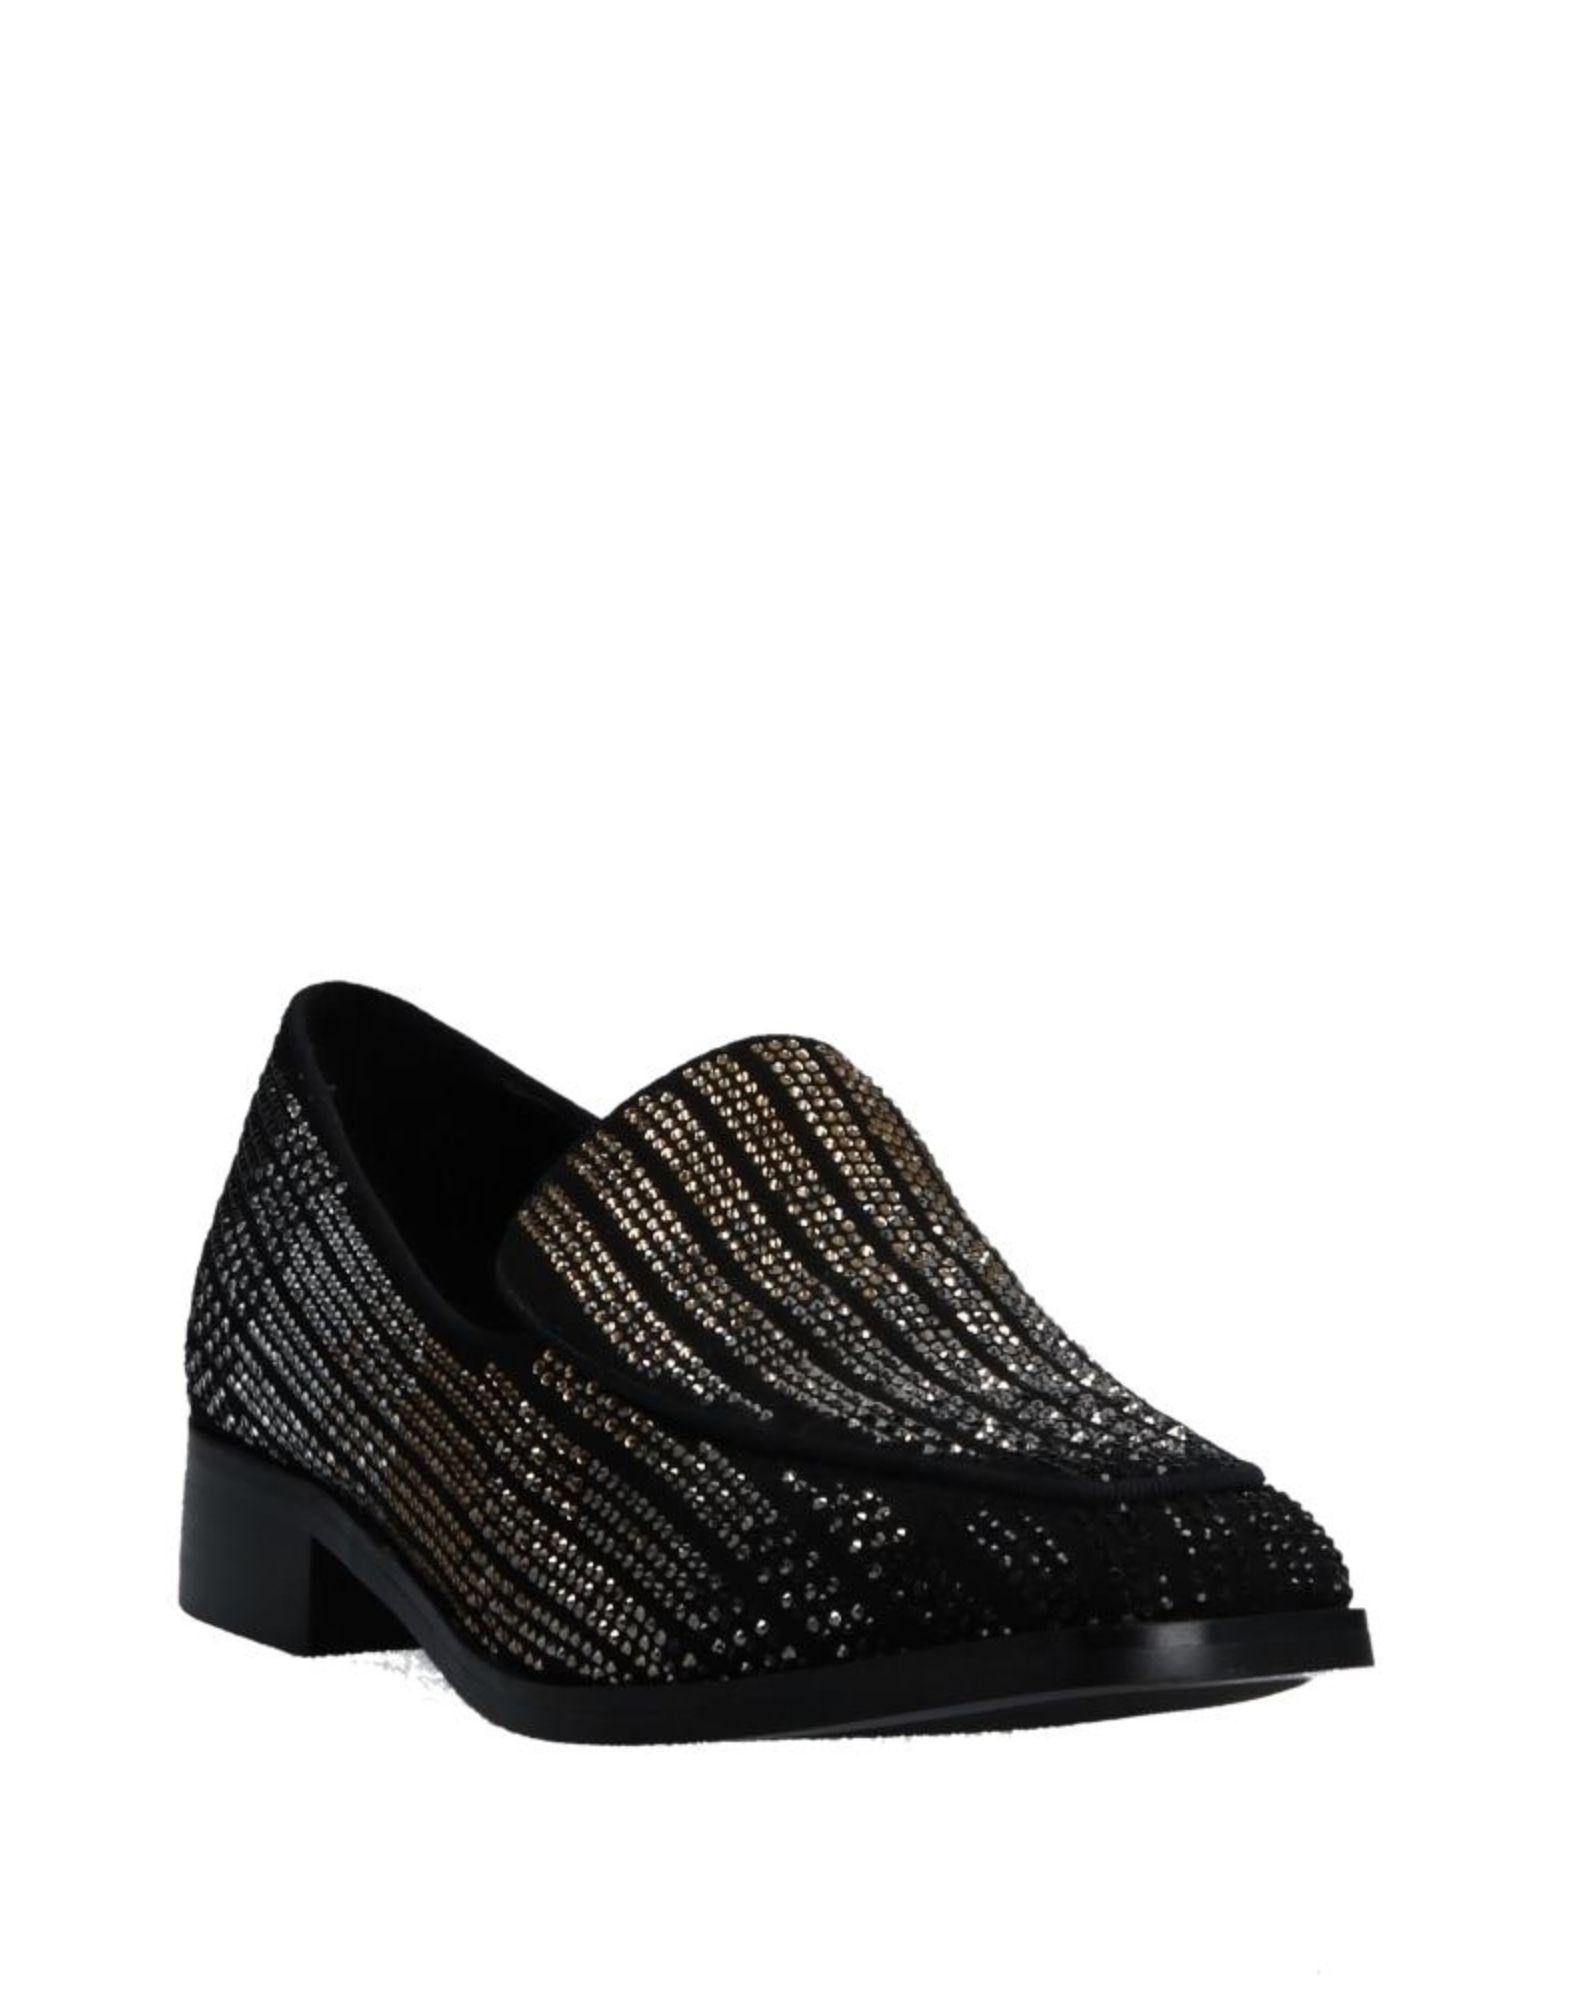 Bibi Lou Mokassins Qualität Damen  11525445VB Gute Qualität Mokassins beliebte Schuhe 0dc55e